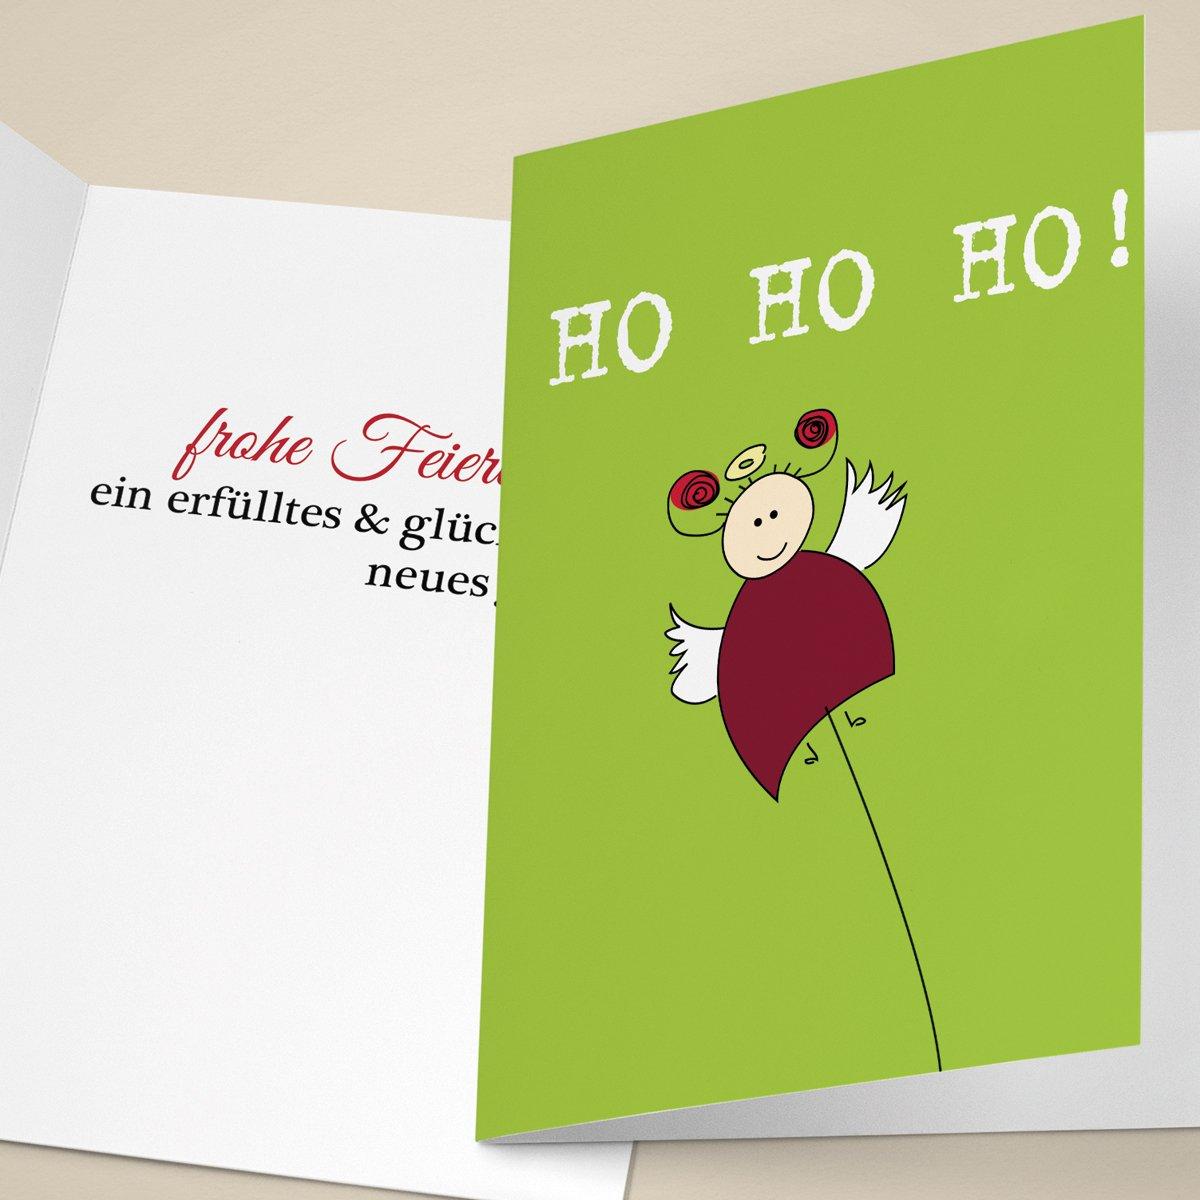 20er Set Komische Unternehmen Unternehmen Unternehmen Weihnachtskarten mit lustigem Engelchen, mit ihrem Innentext (Var5) drucken lassen, als geschäftliche Weihnachtsgrüße   Neujahrskarte   Firmen Weihnachtskarte für Kunden, Geschäftspartner, Mitarbeite b03d5a